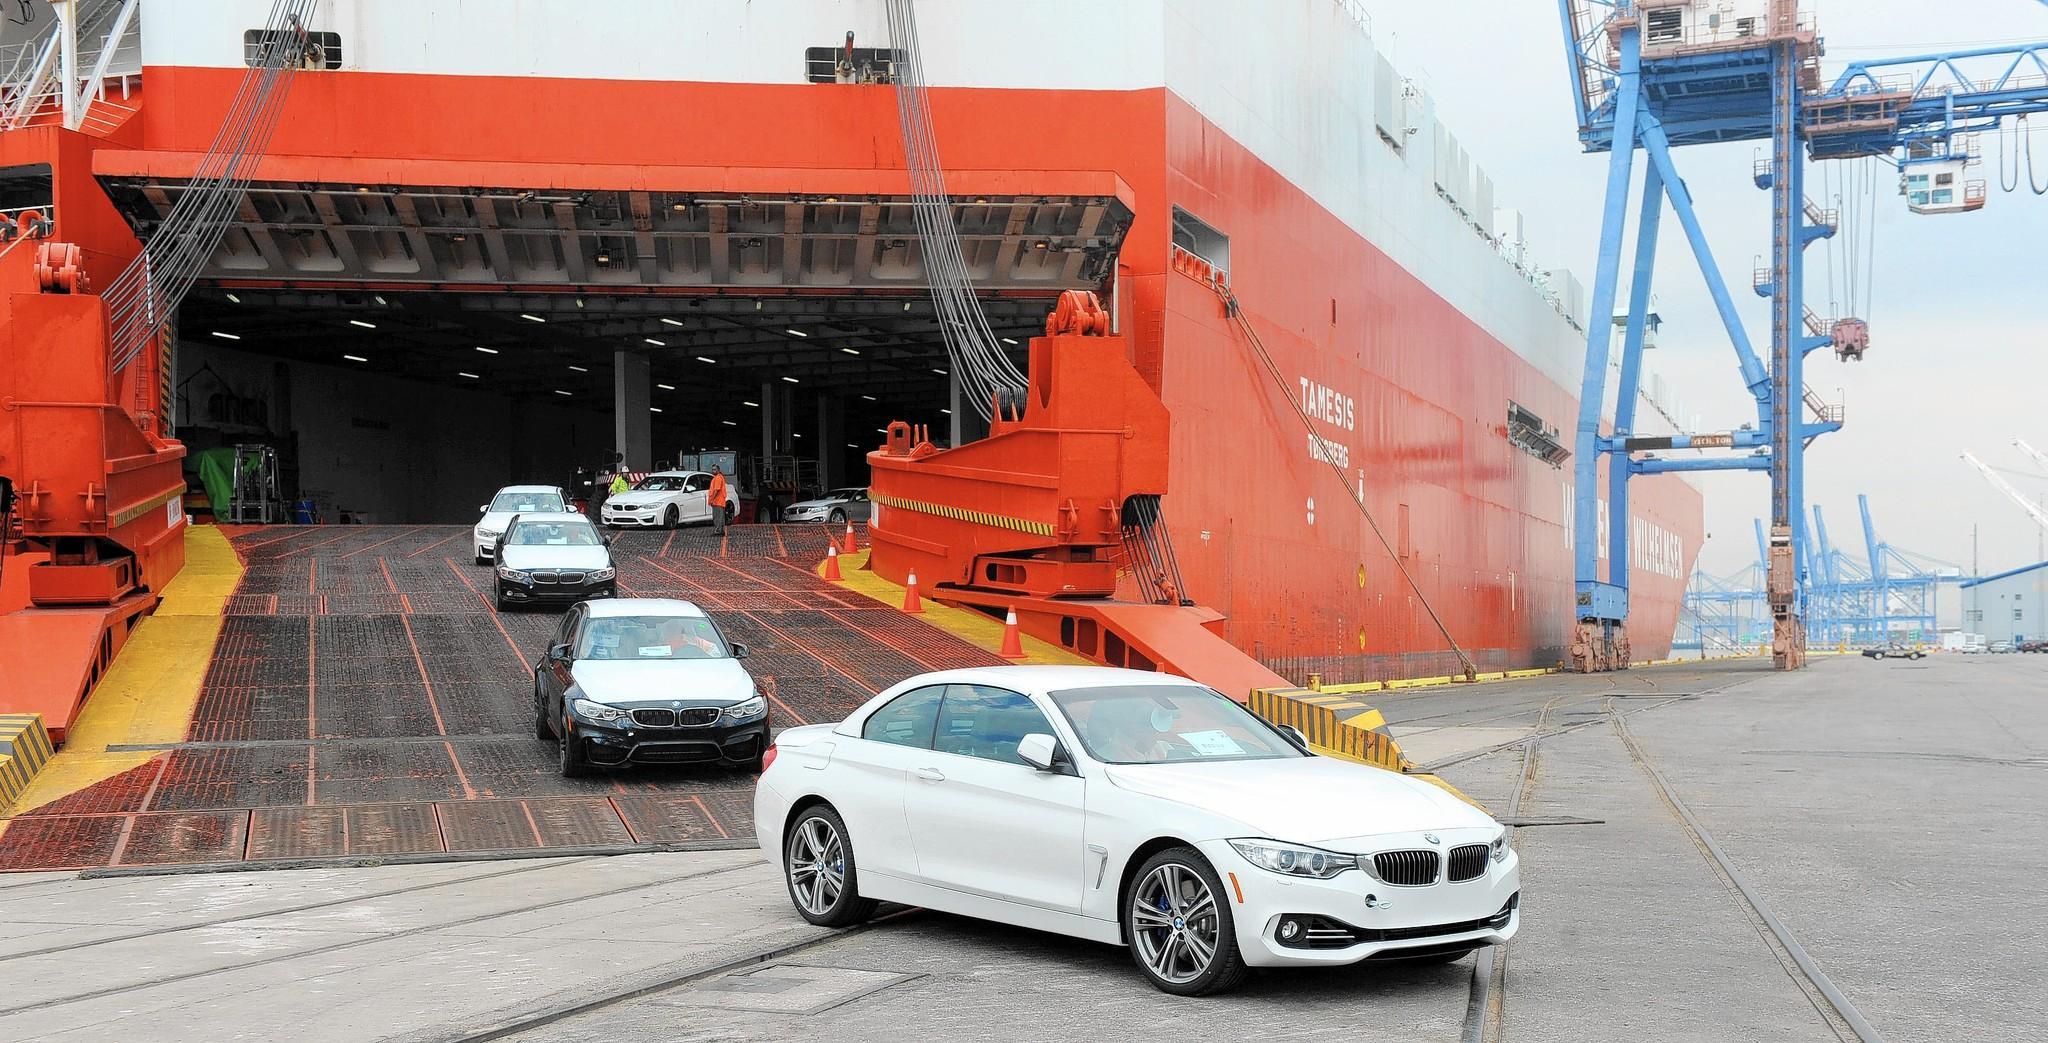 بازداشت بالاترین مقام دولتی مرتبط با ثبت سفارشهای جعلی ۶۴۸۱ خودرو